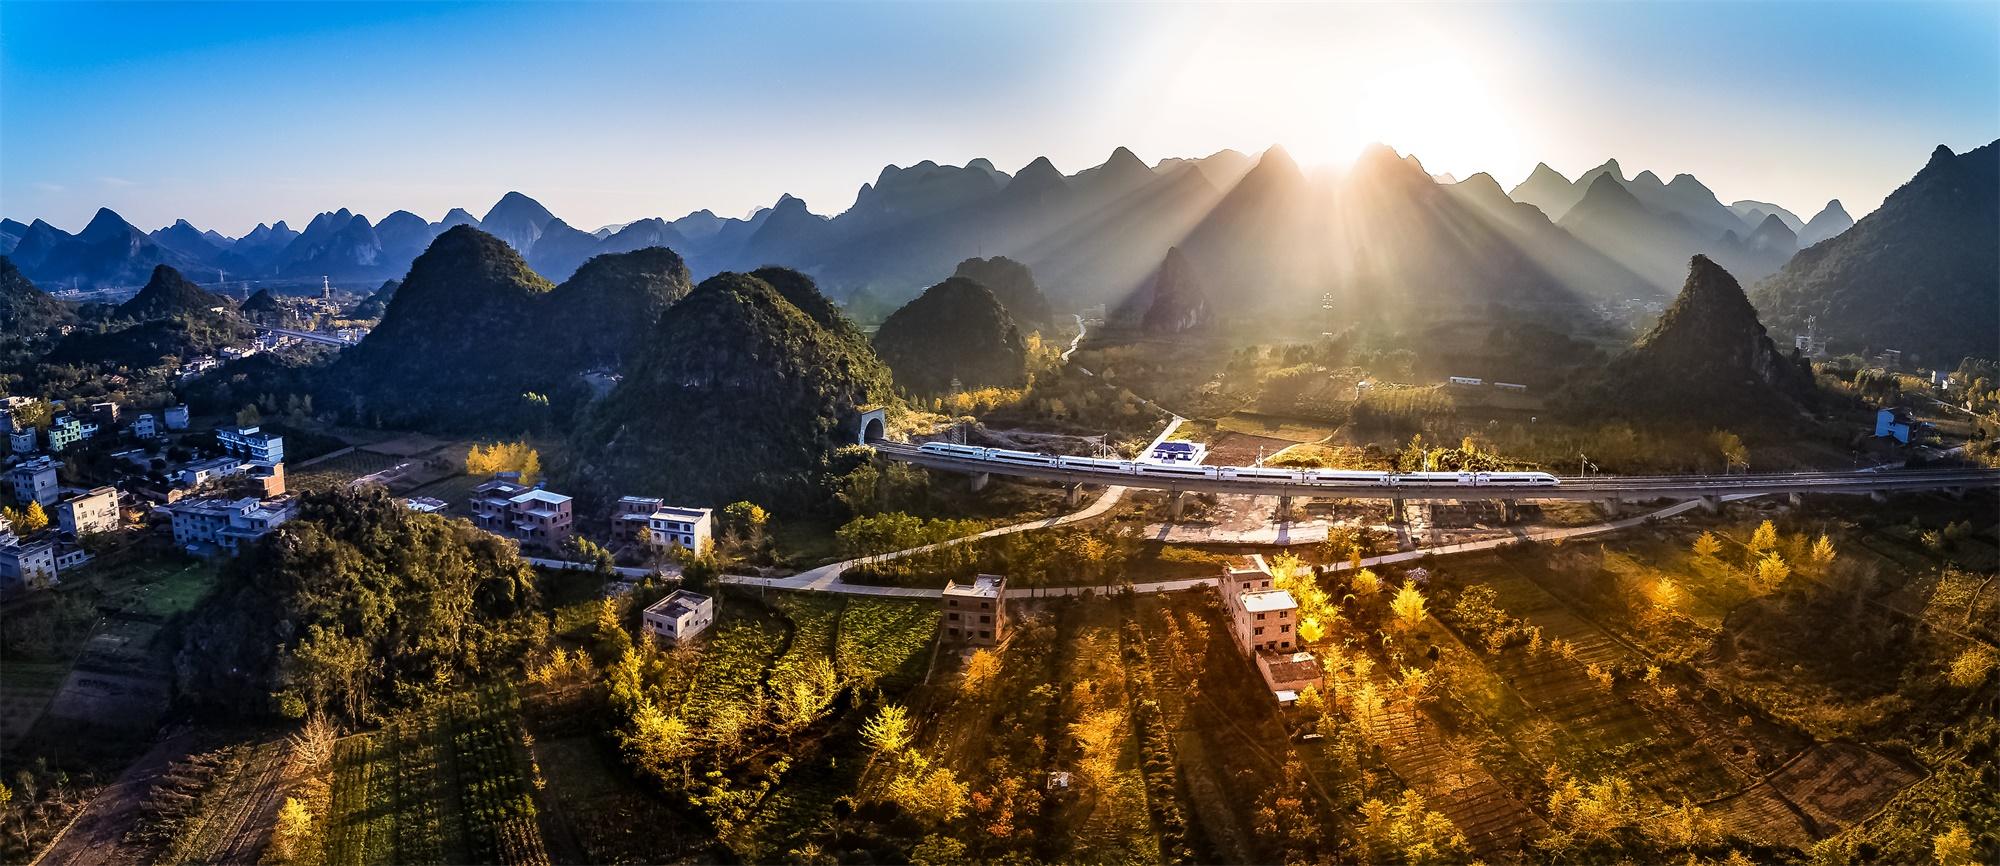 无人机航拍桂林山水